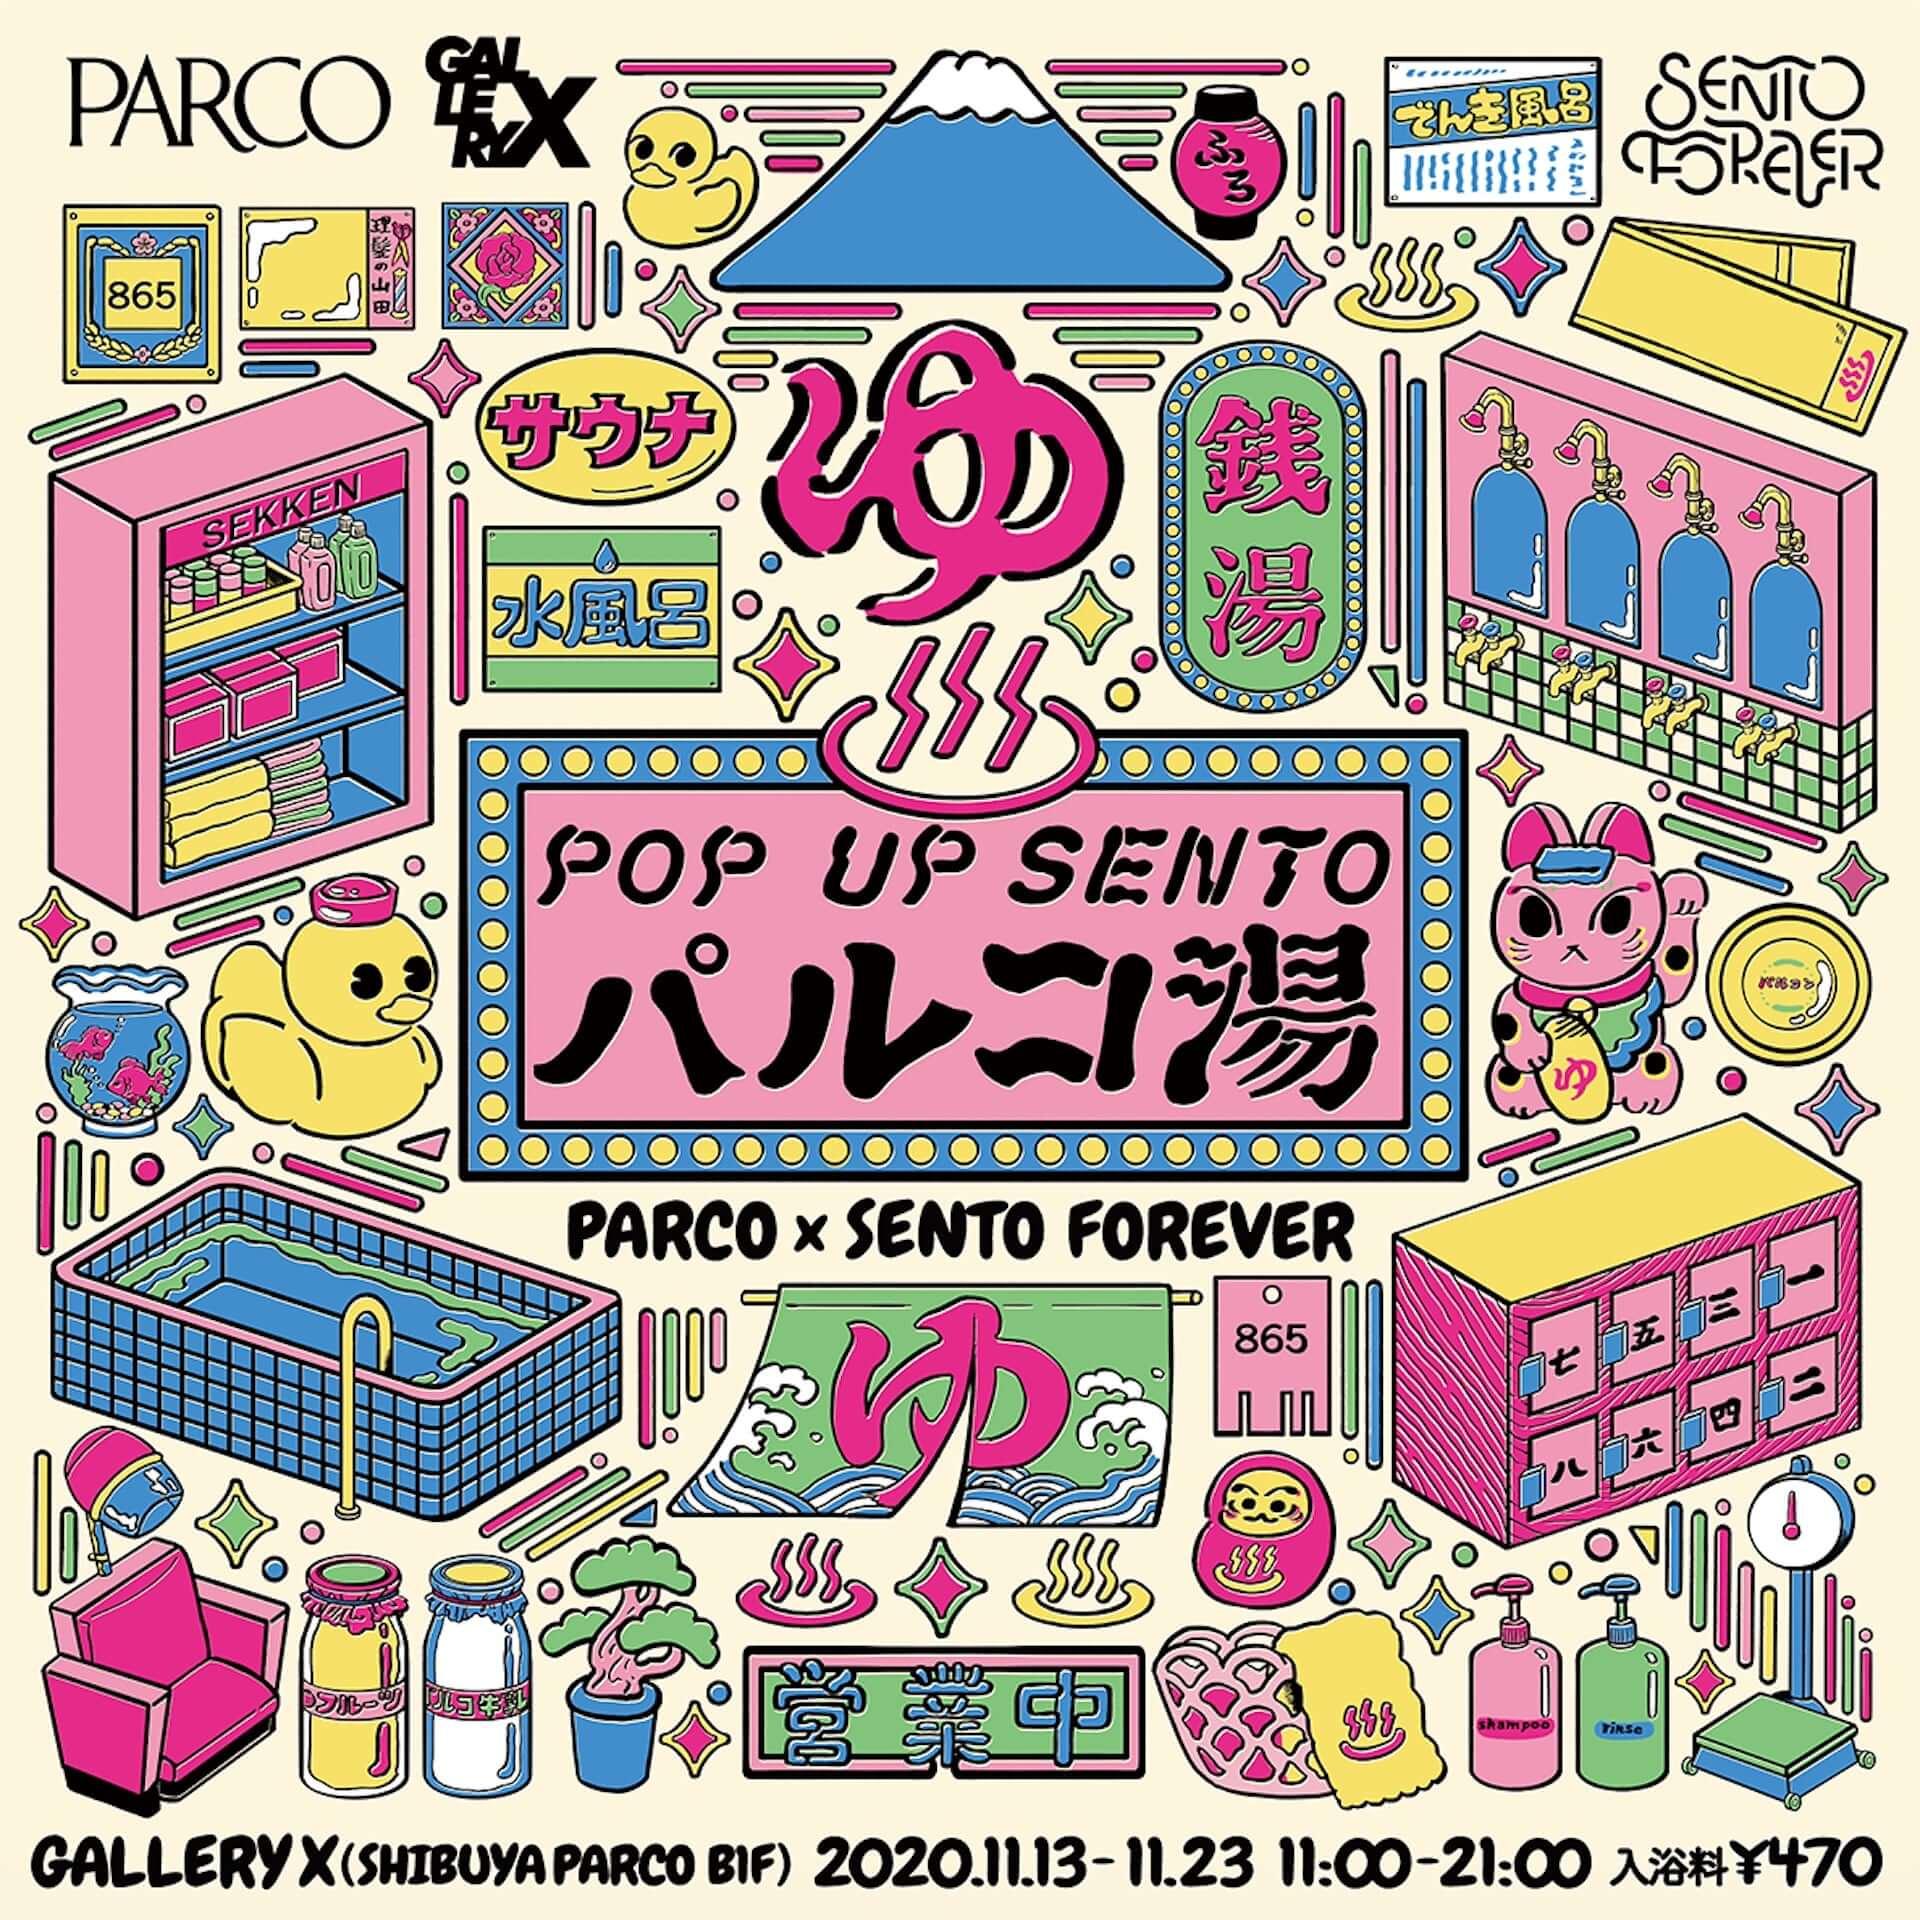 渋谷PARCOのリニューアルオープン1周年記念!銭湯・サウナグッズも買えるイベント<POP UP SENTO パルコ湯>が開催決定 art201105_parco-yu_1-1920x1920